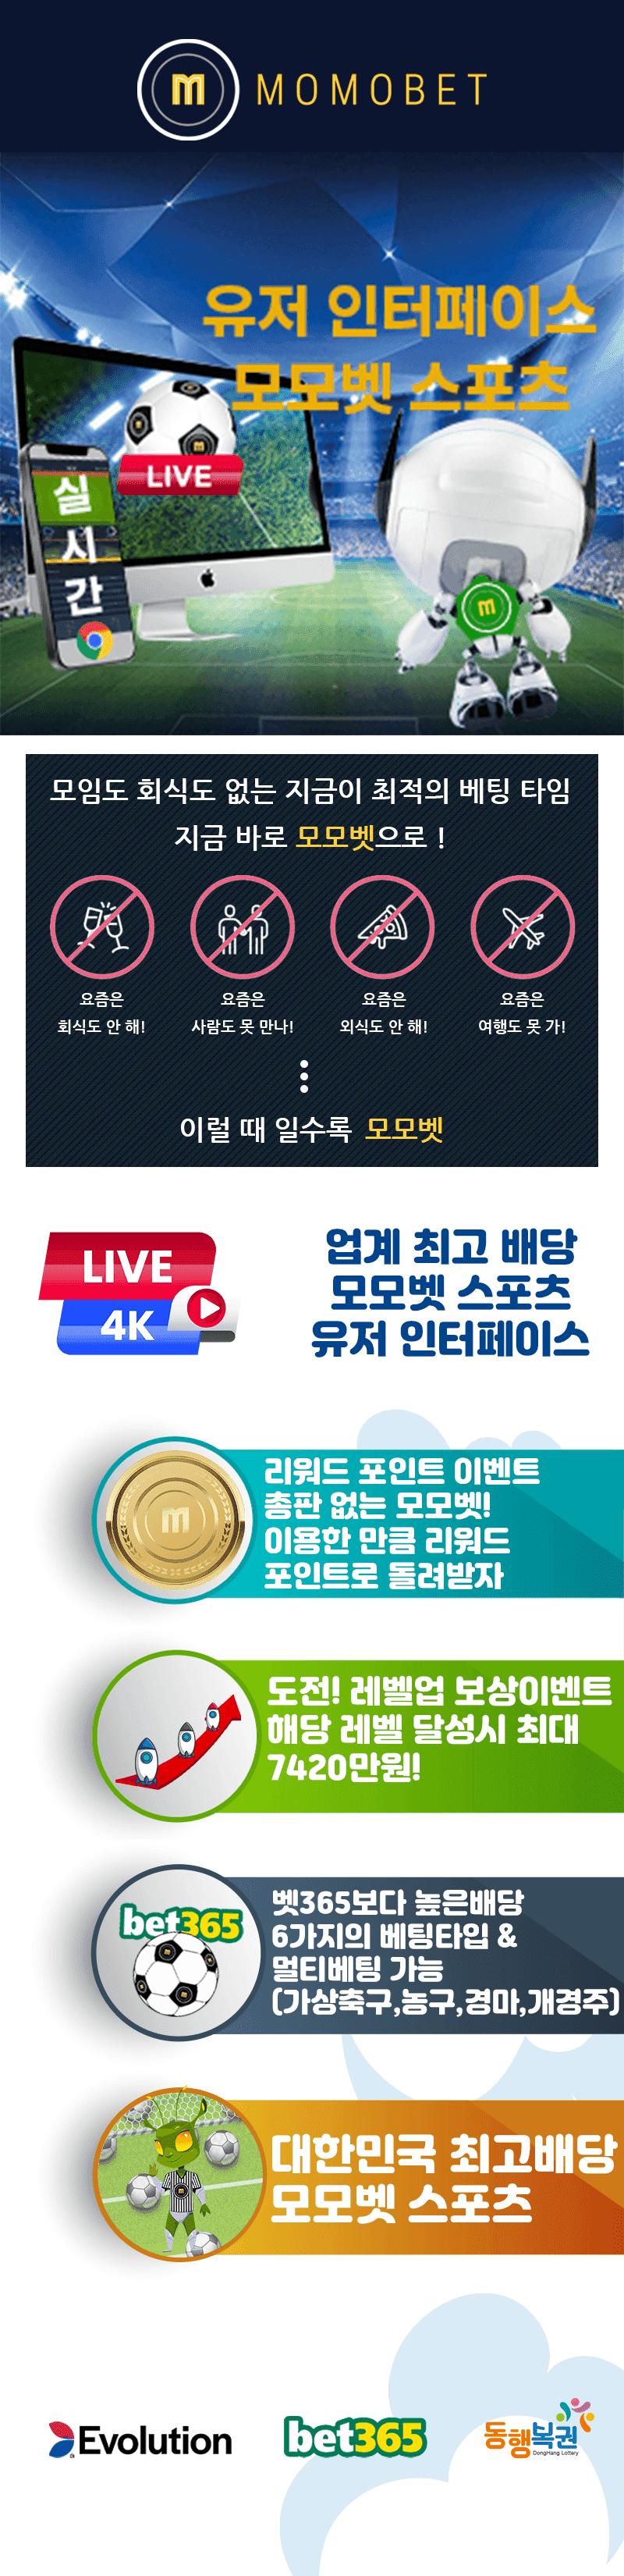 [먹튀썰전] 공식 인증업체 - 모모벳